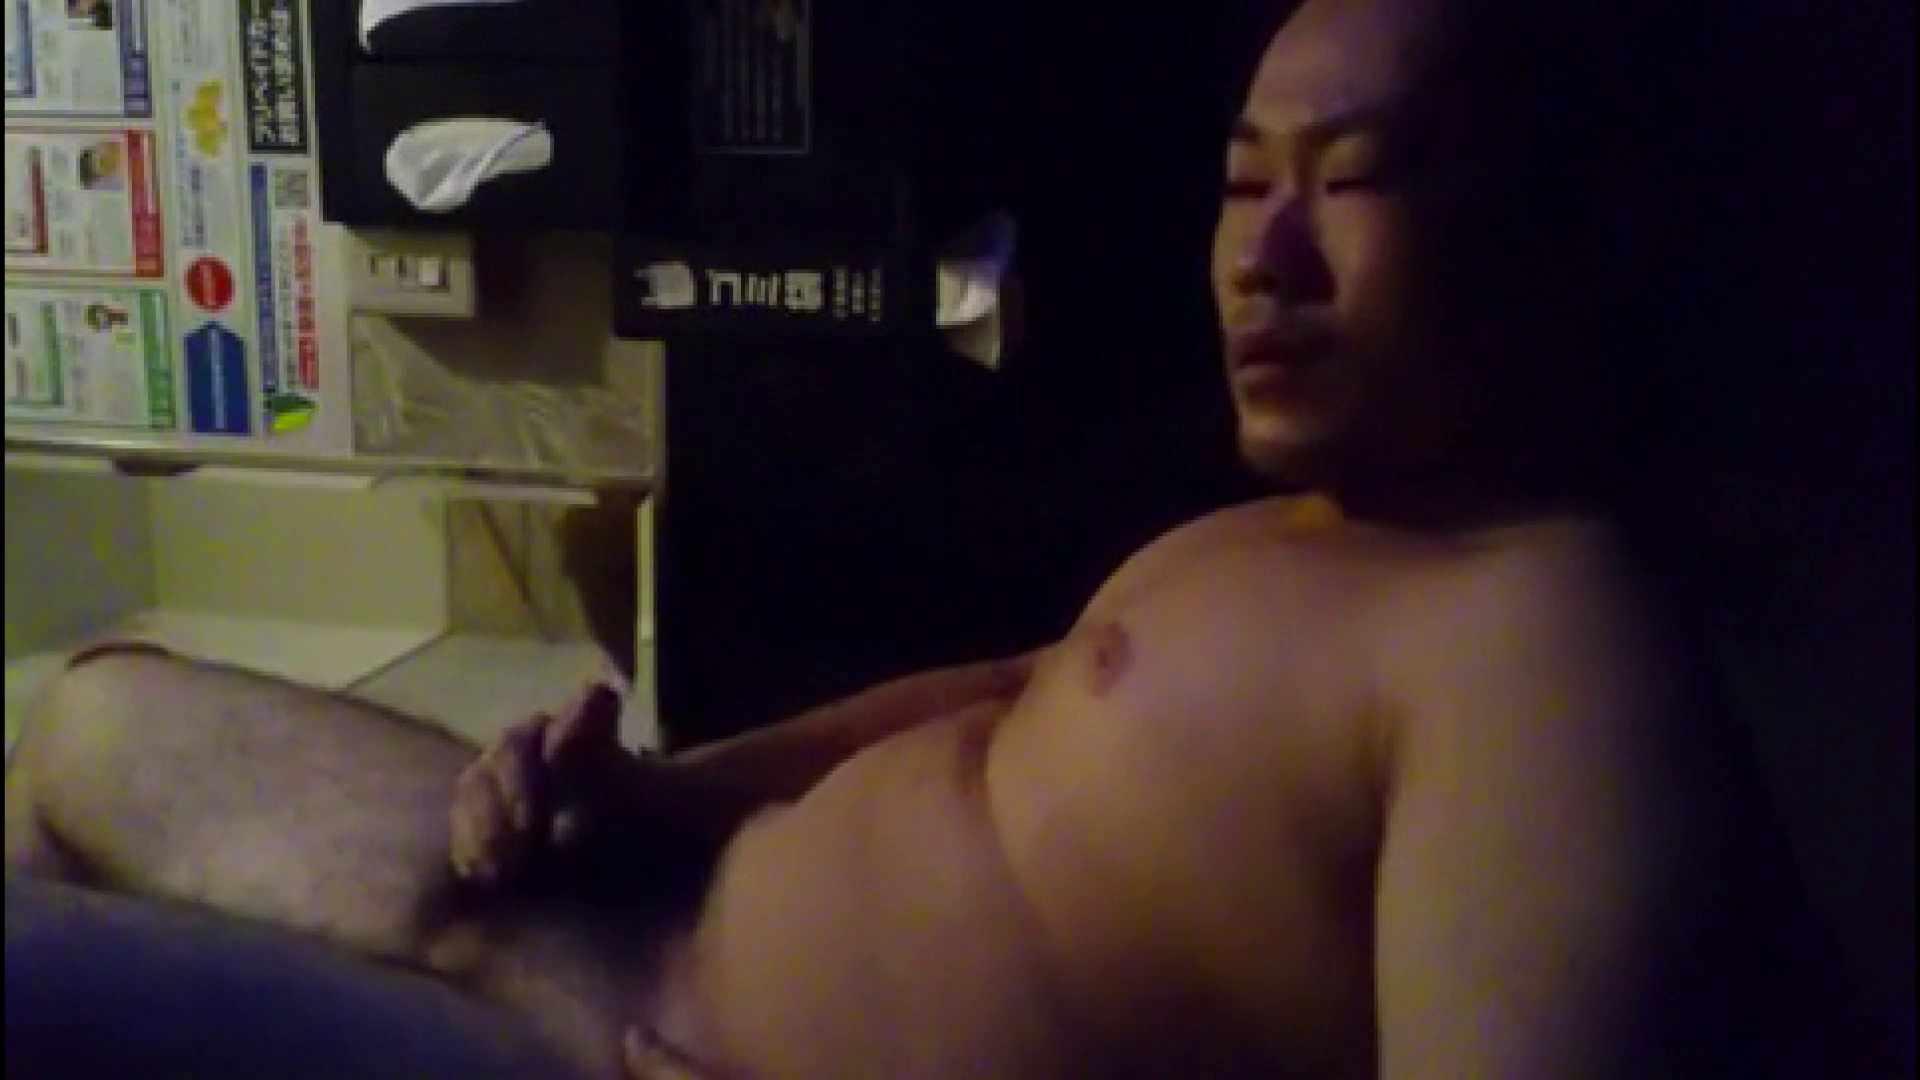 個人撮影 自慰の極意 Vol.24 オナニー アダルトビデオ画像キャプチャ 59pic 35